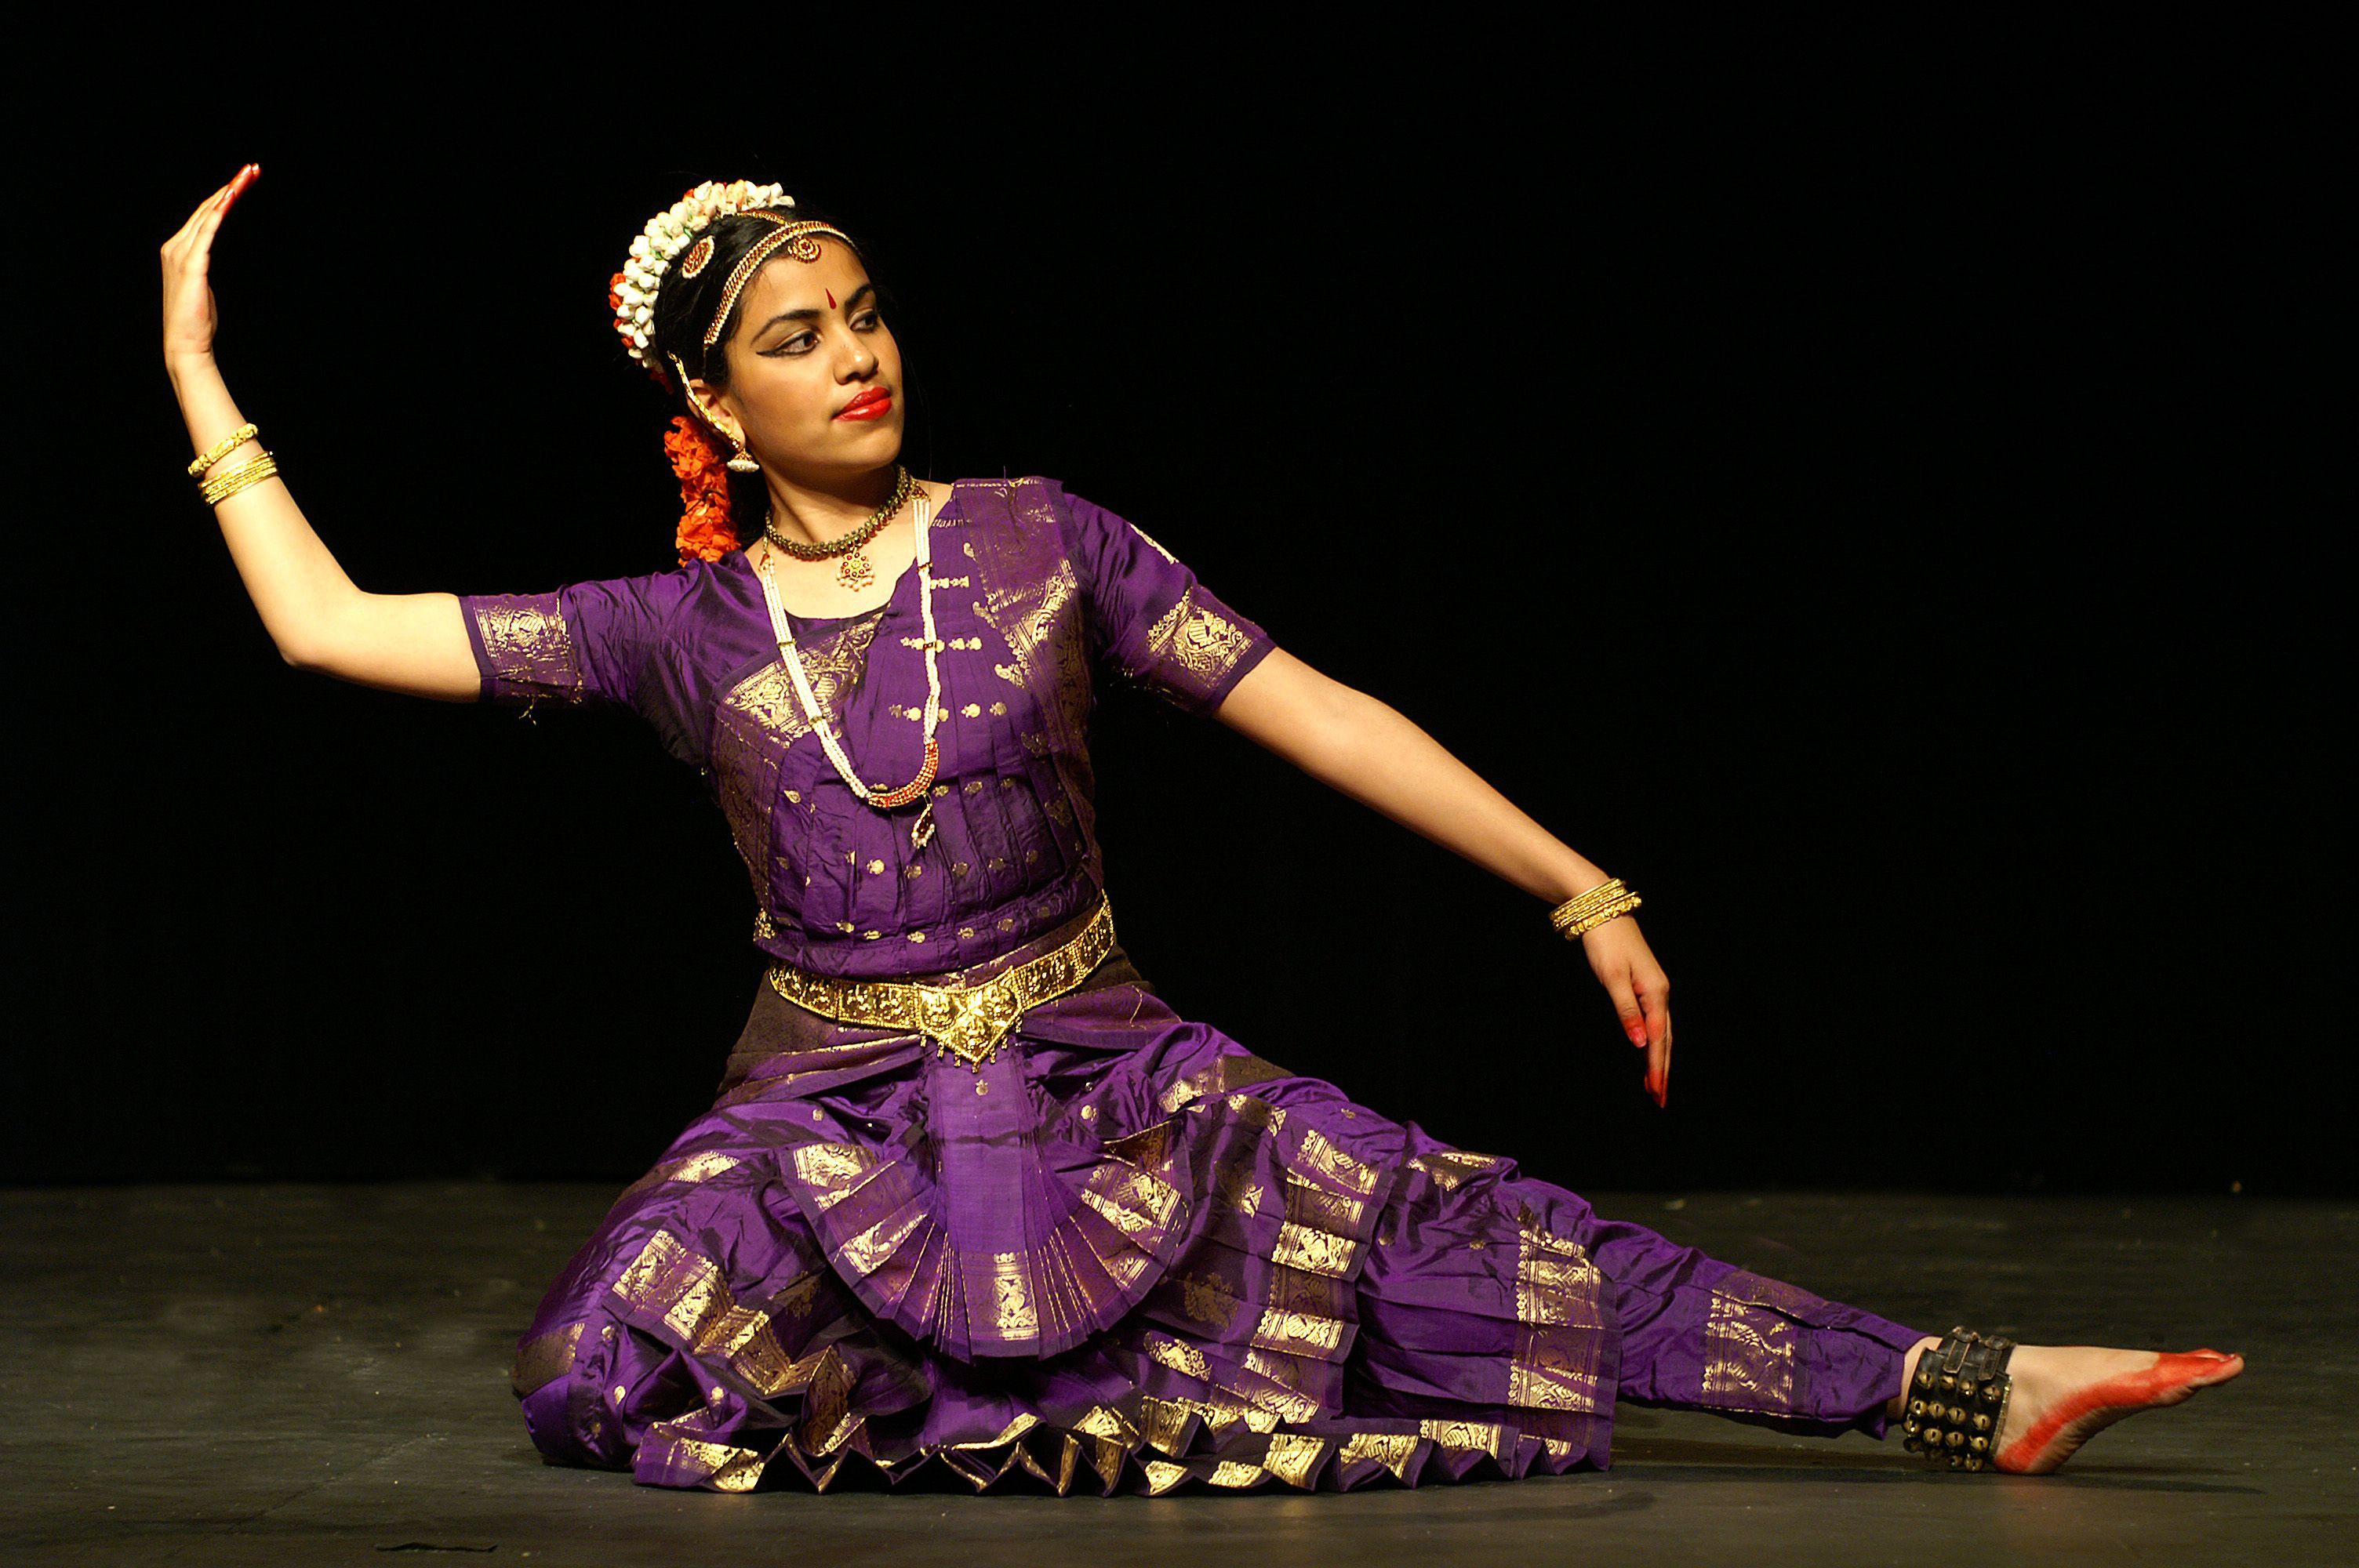 bharatanatyam Indian classical dance, Bharatanatyam